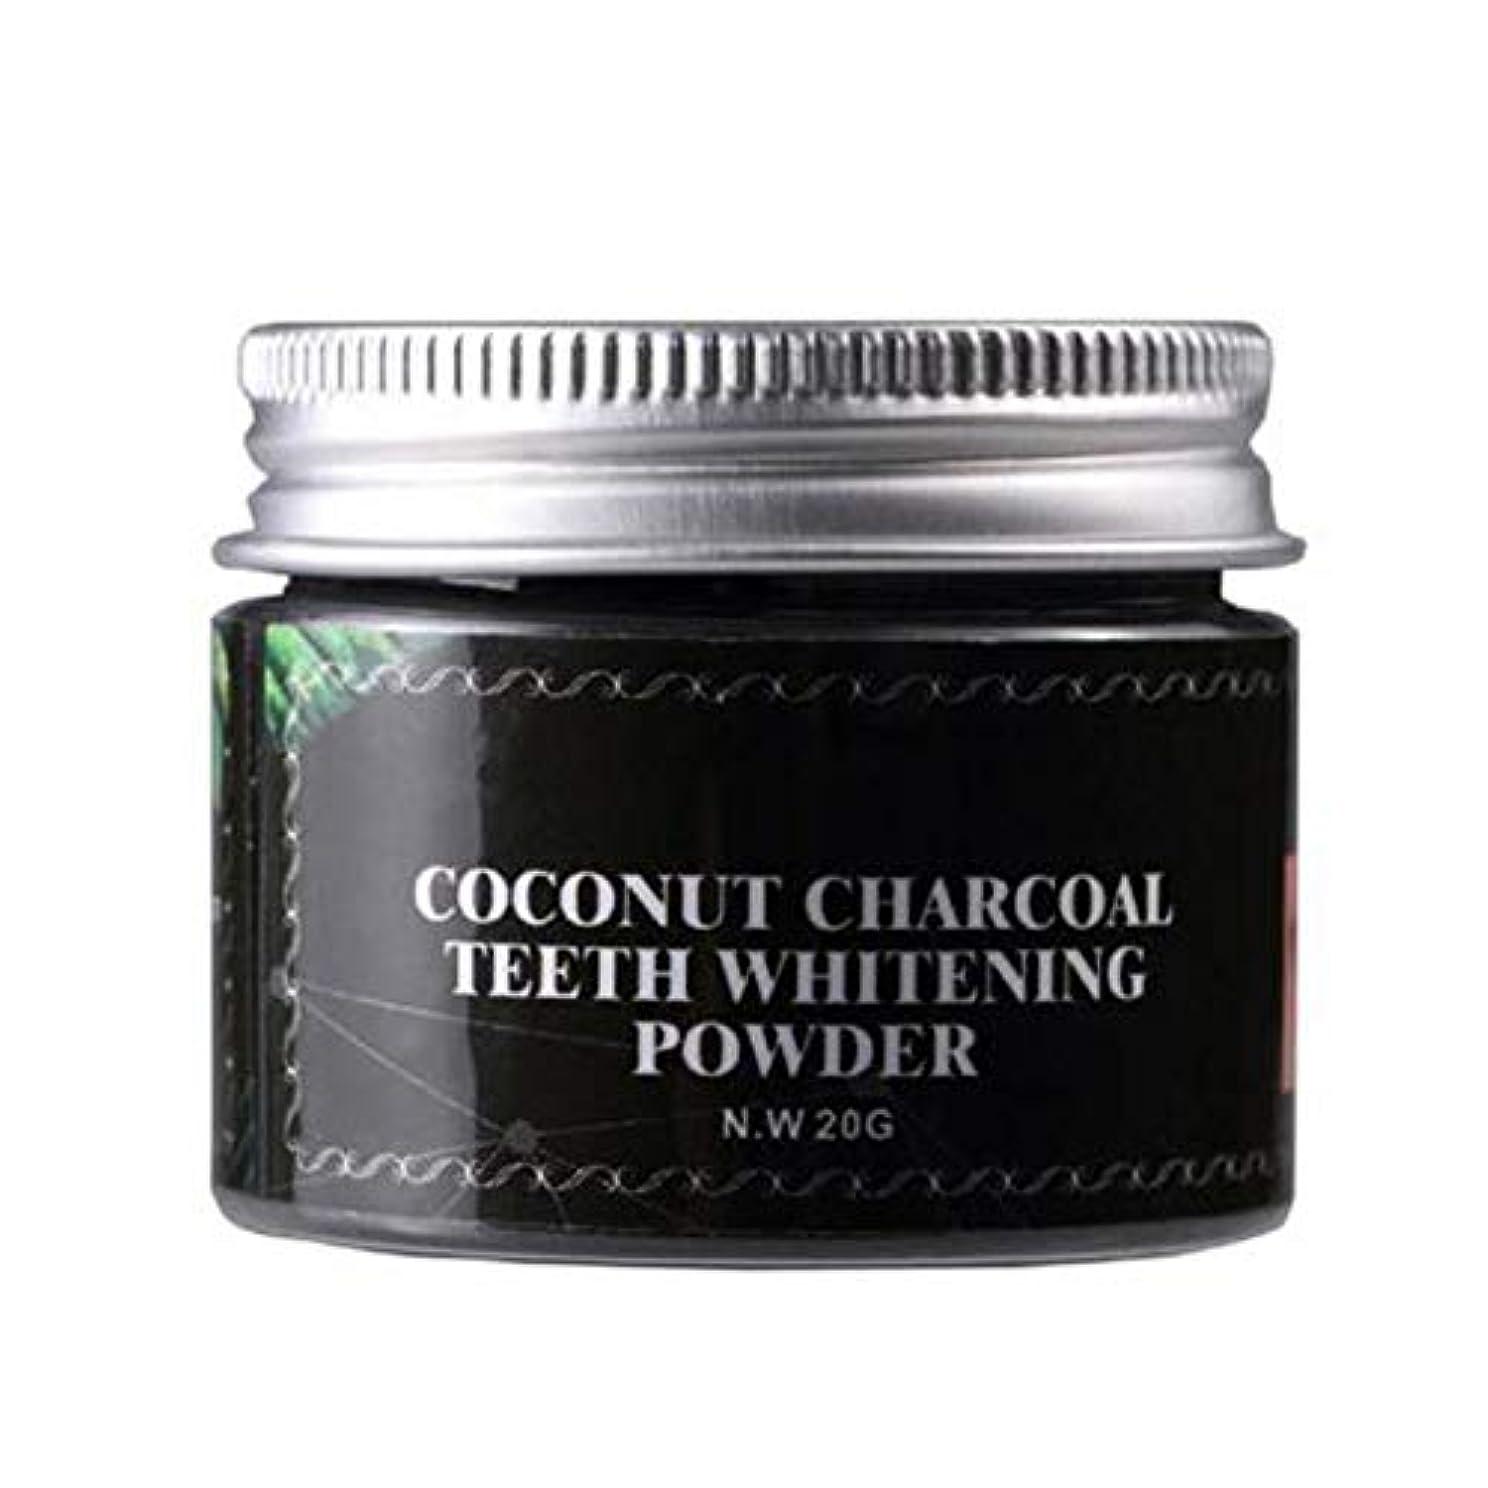 プラグベンチコストオーラルケアパウダーナチュラルココナッツ活性炭粉末ホワイトニングパウダーティーコーヒー汚れ除去剤粉末